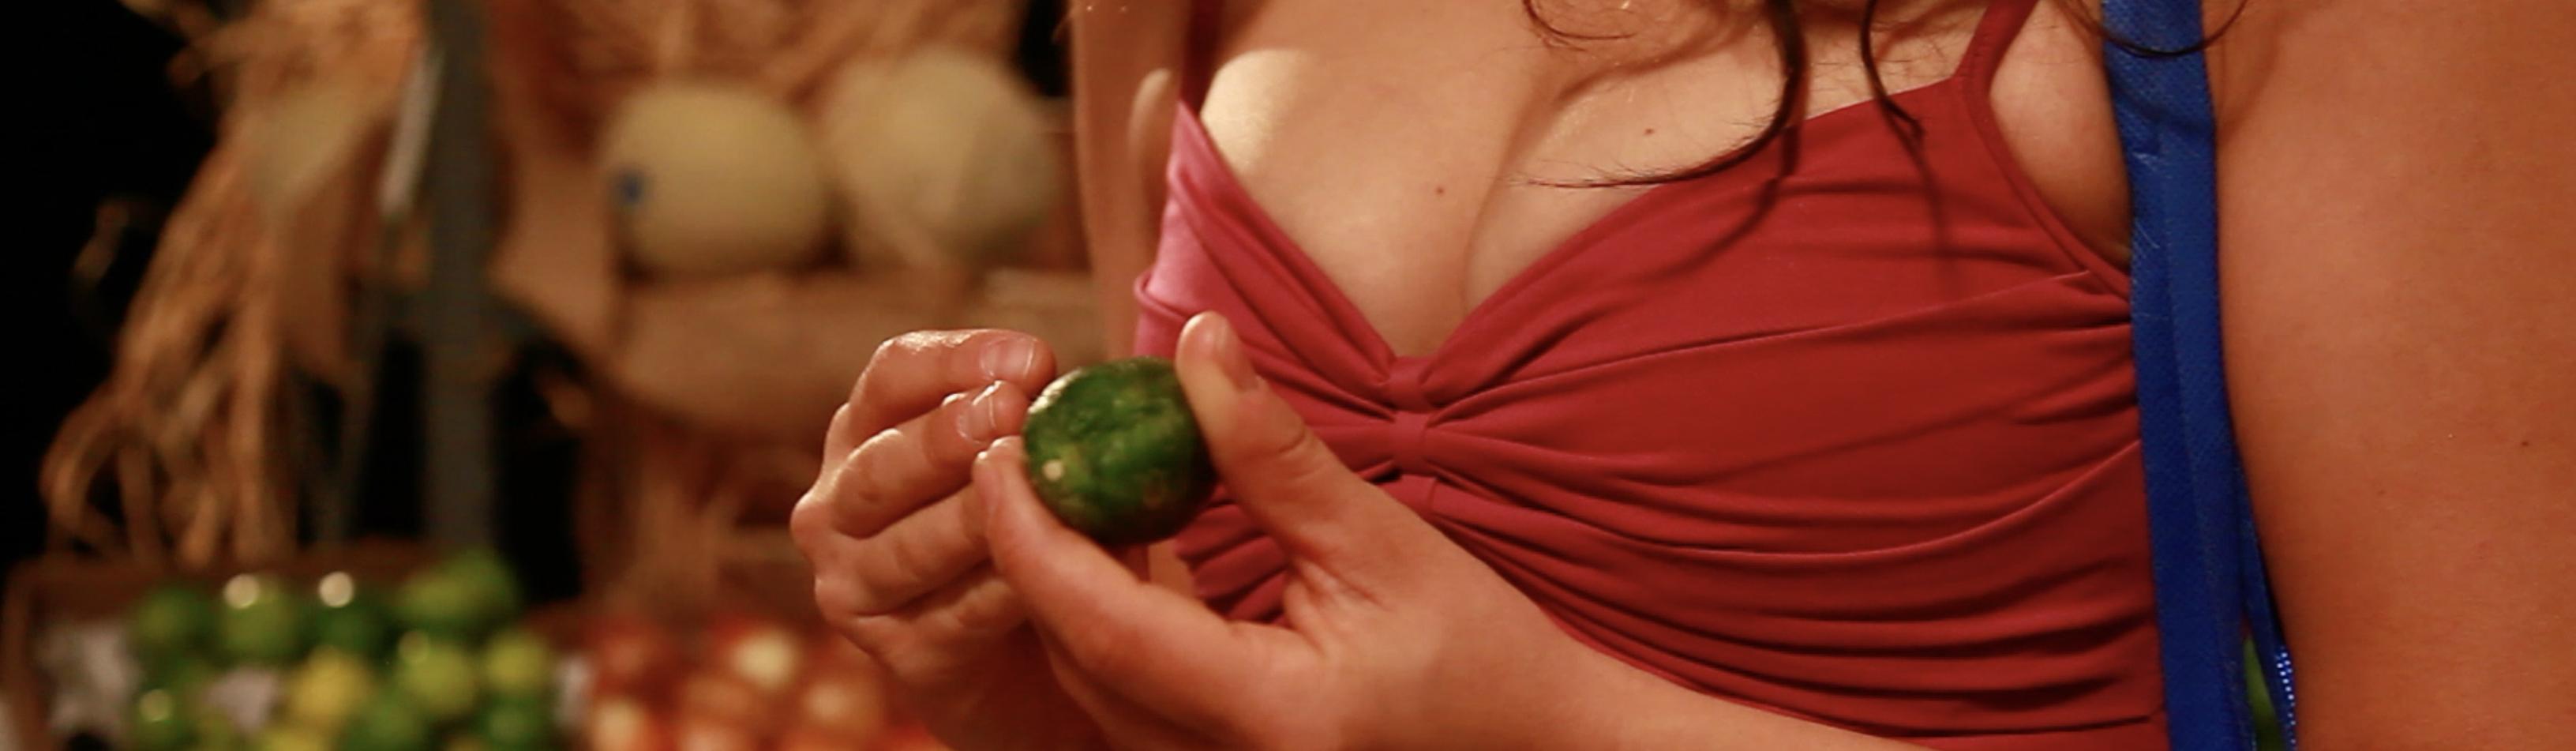 His Cucumber